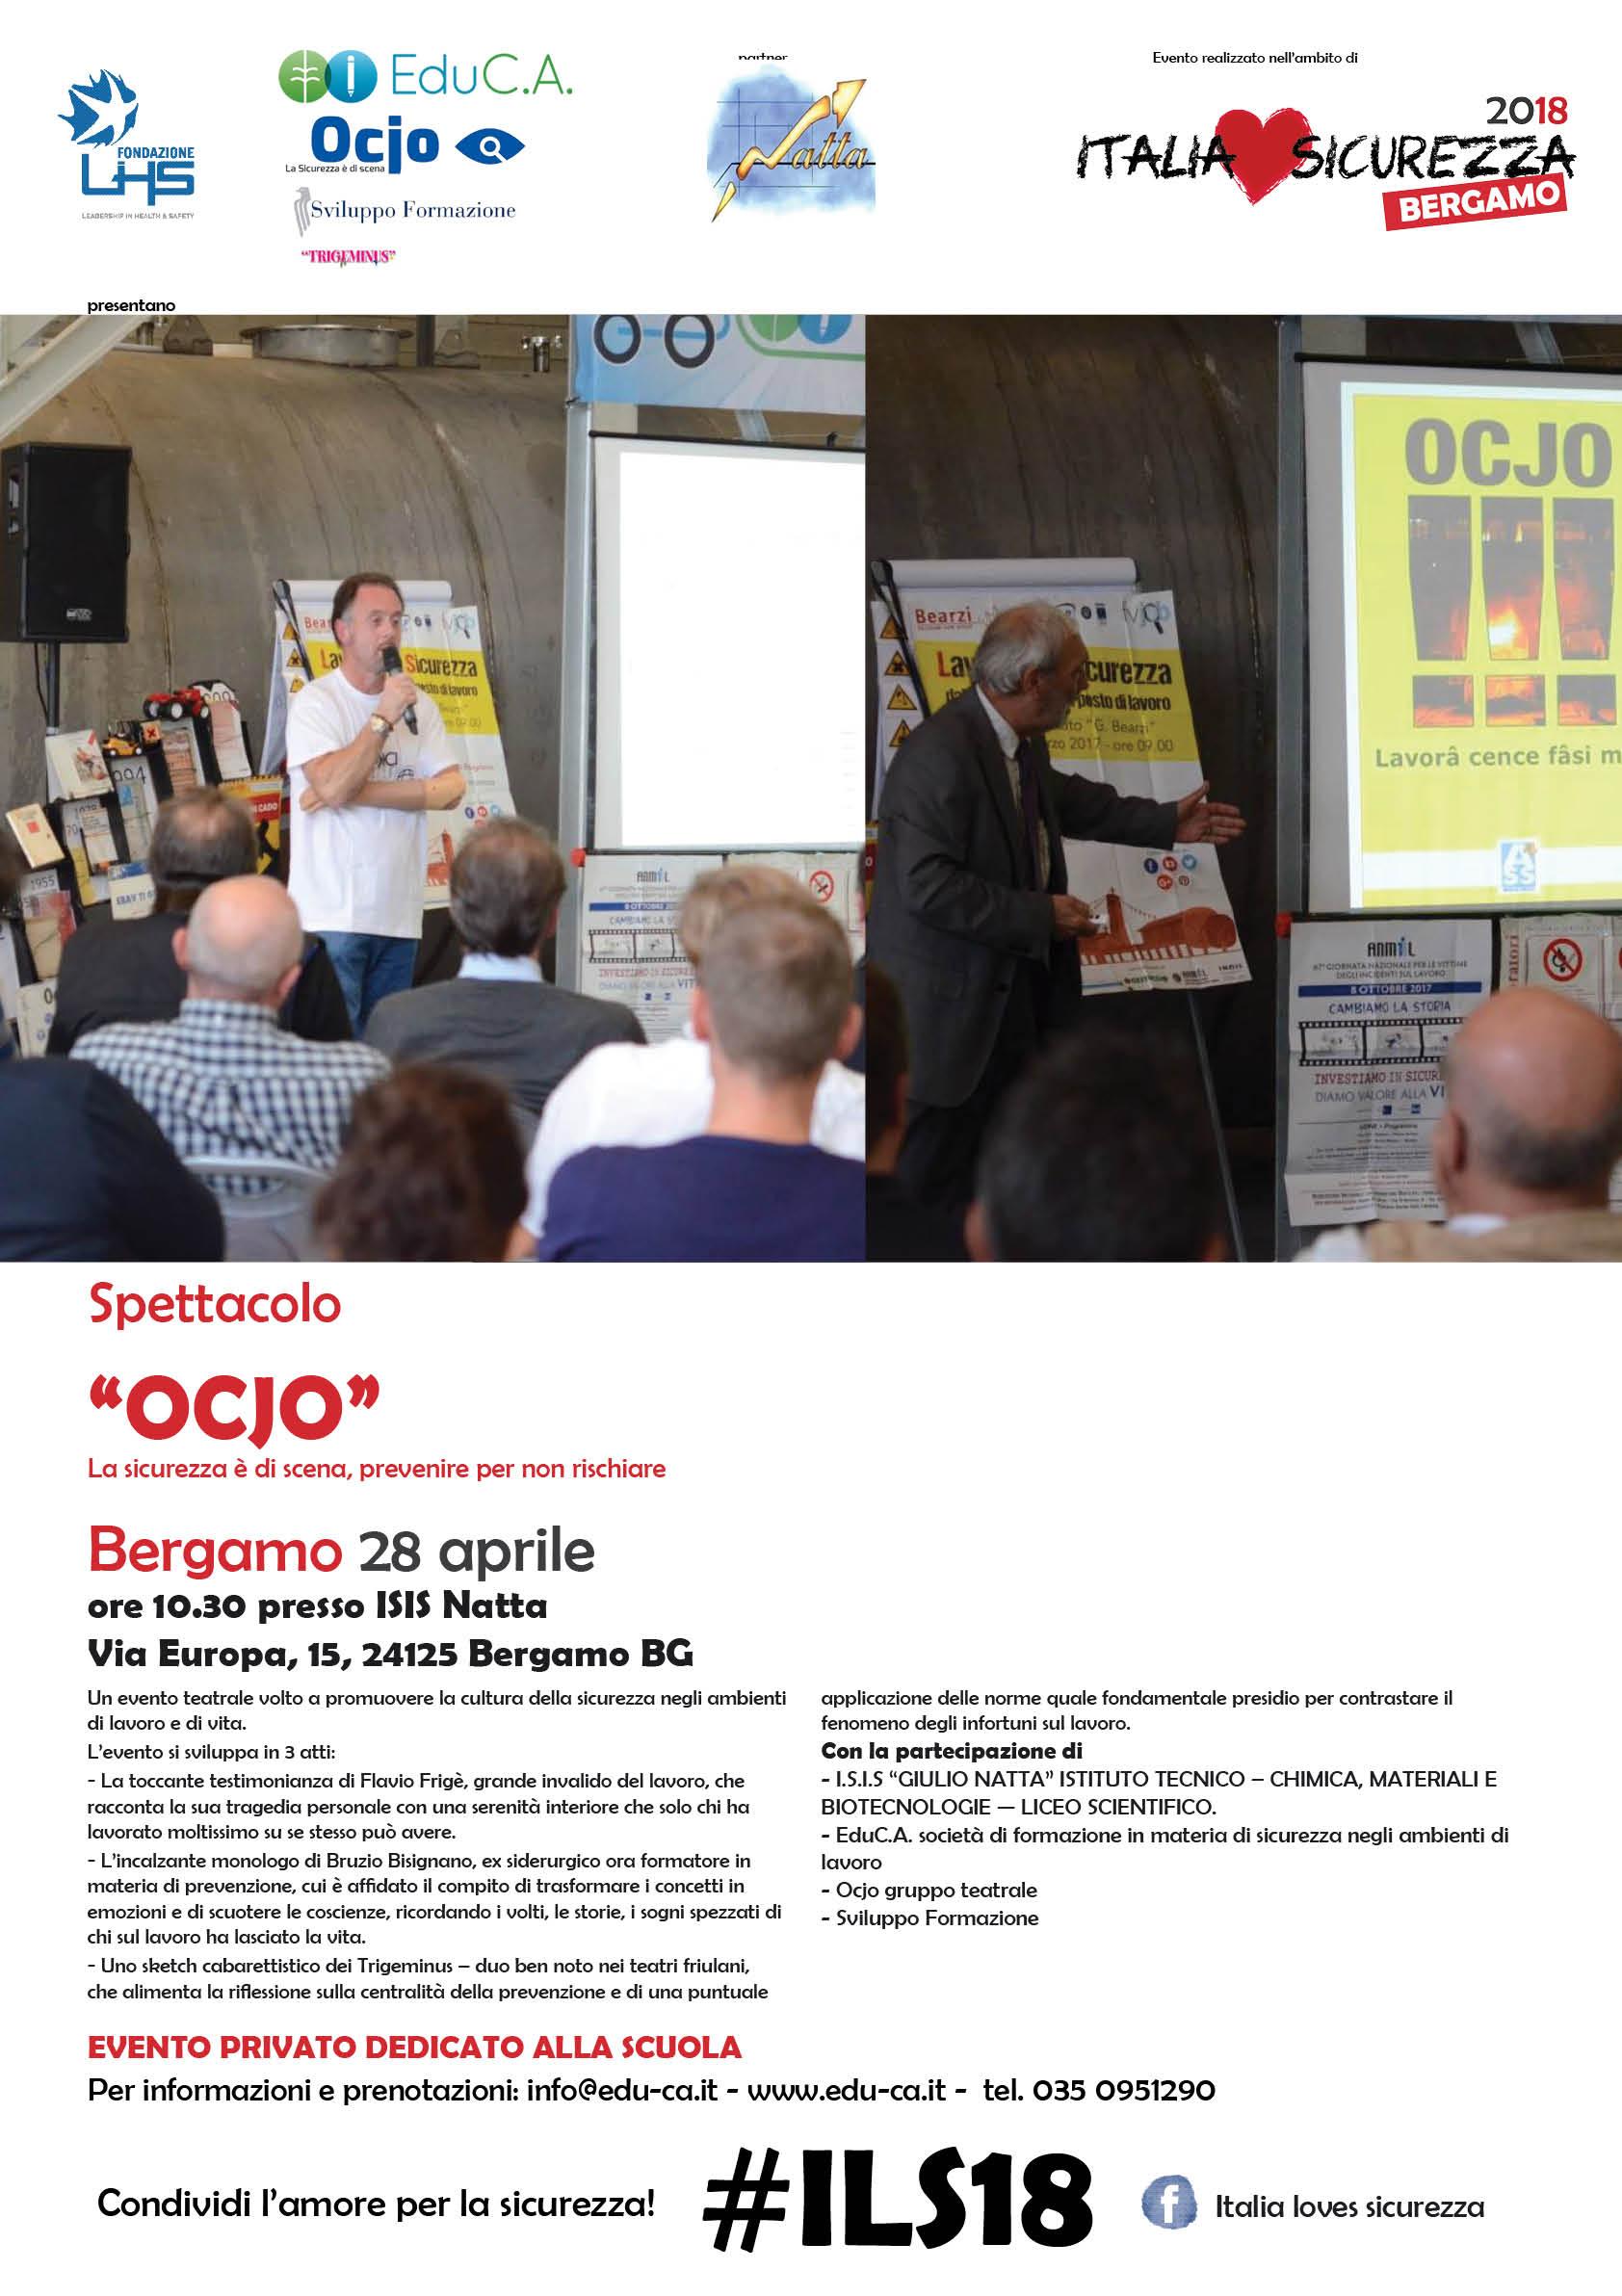 http://www.fondlhs.org/wp-content/uploads/2018/04/ILS18_Poster_EDUCA-Ocjo.jpg